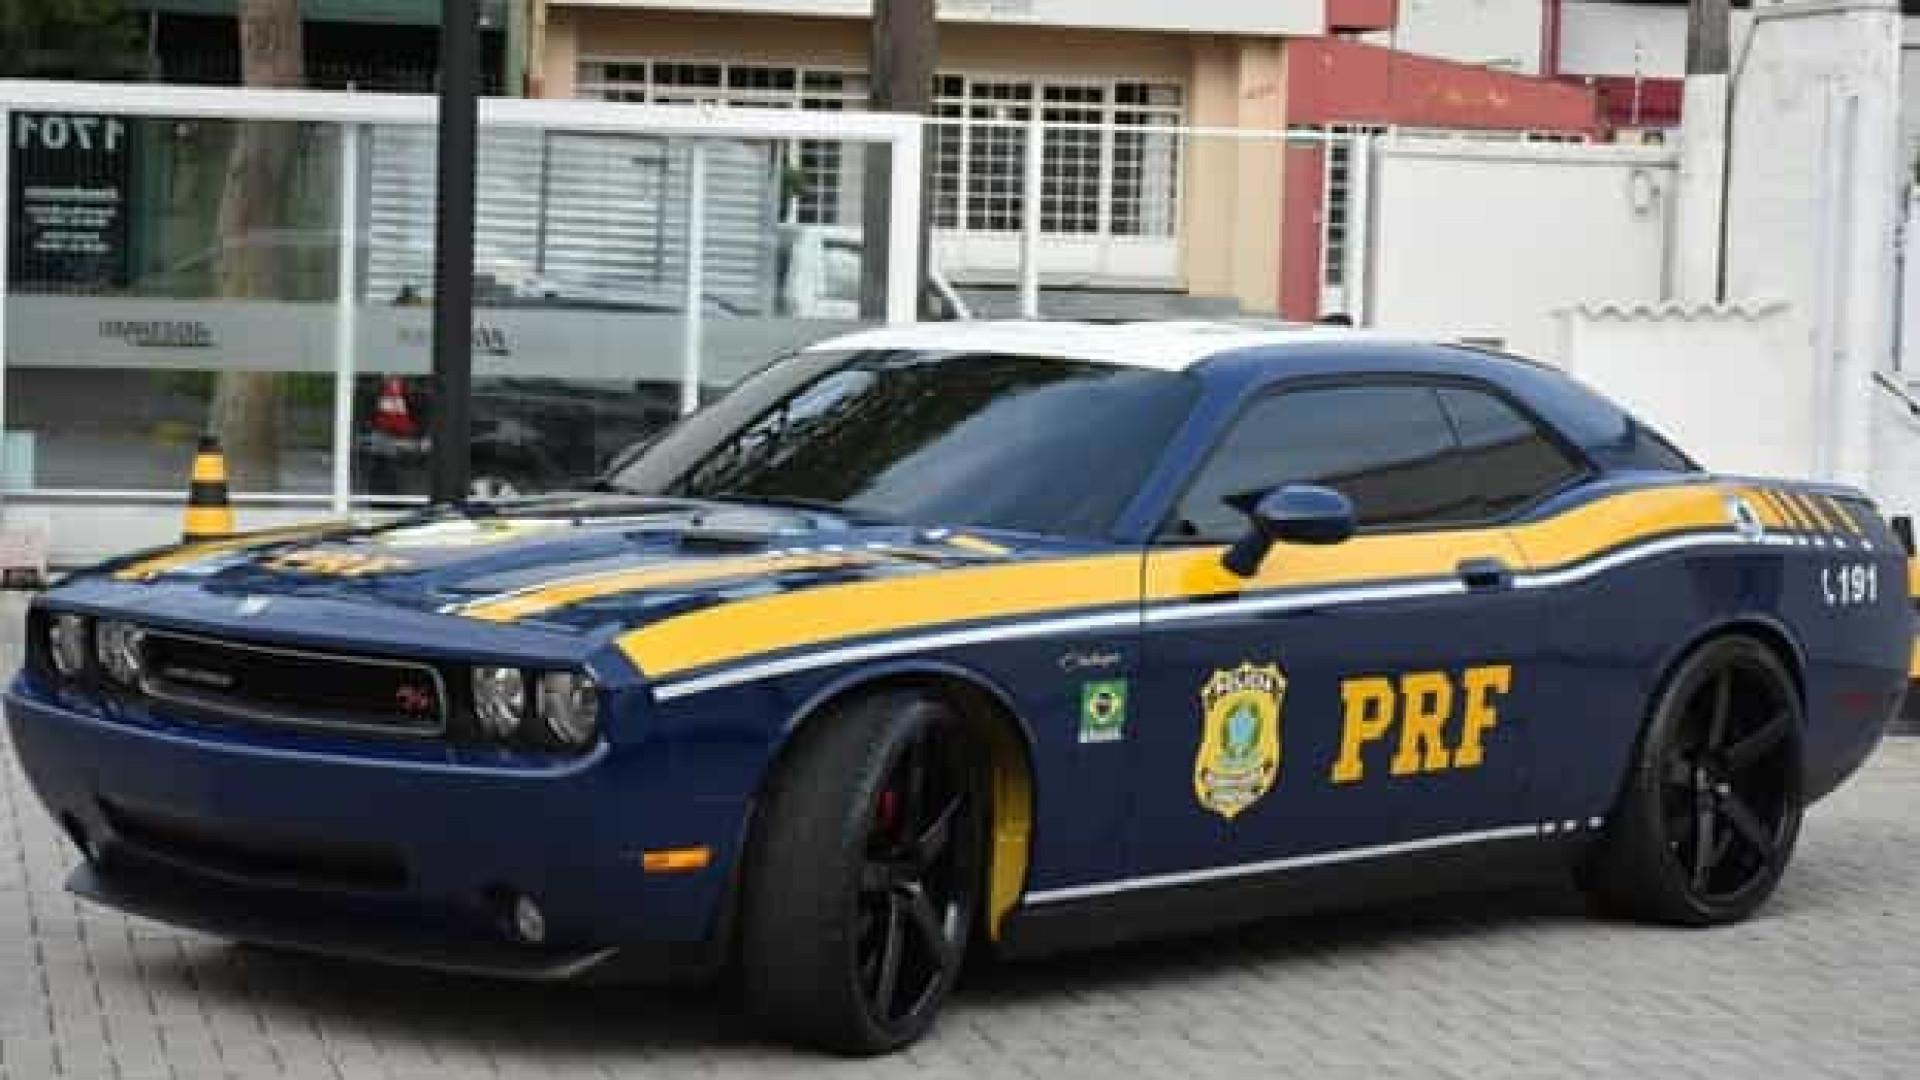 PRF vai usar esportivo norte-americano para patrulhar fronteira